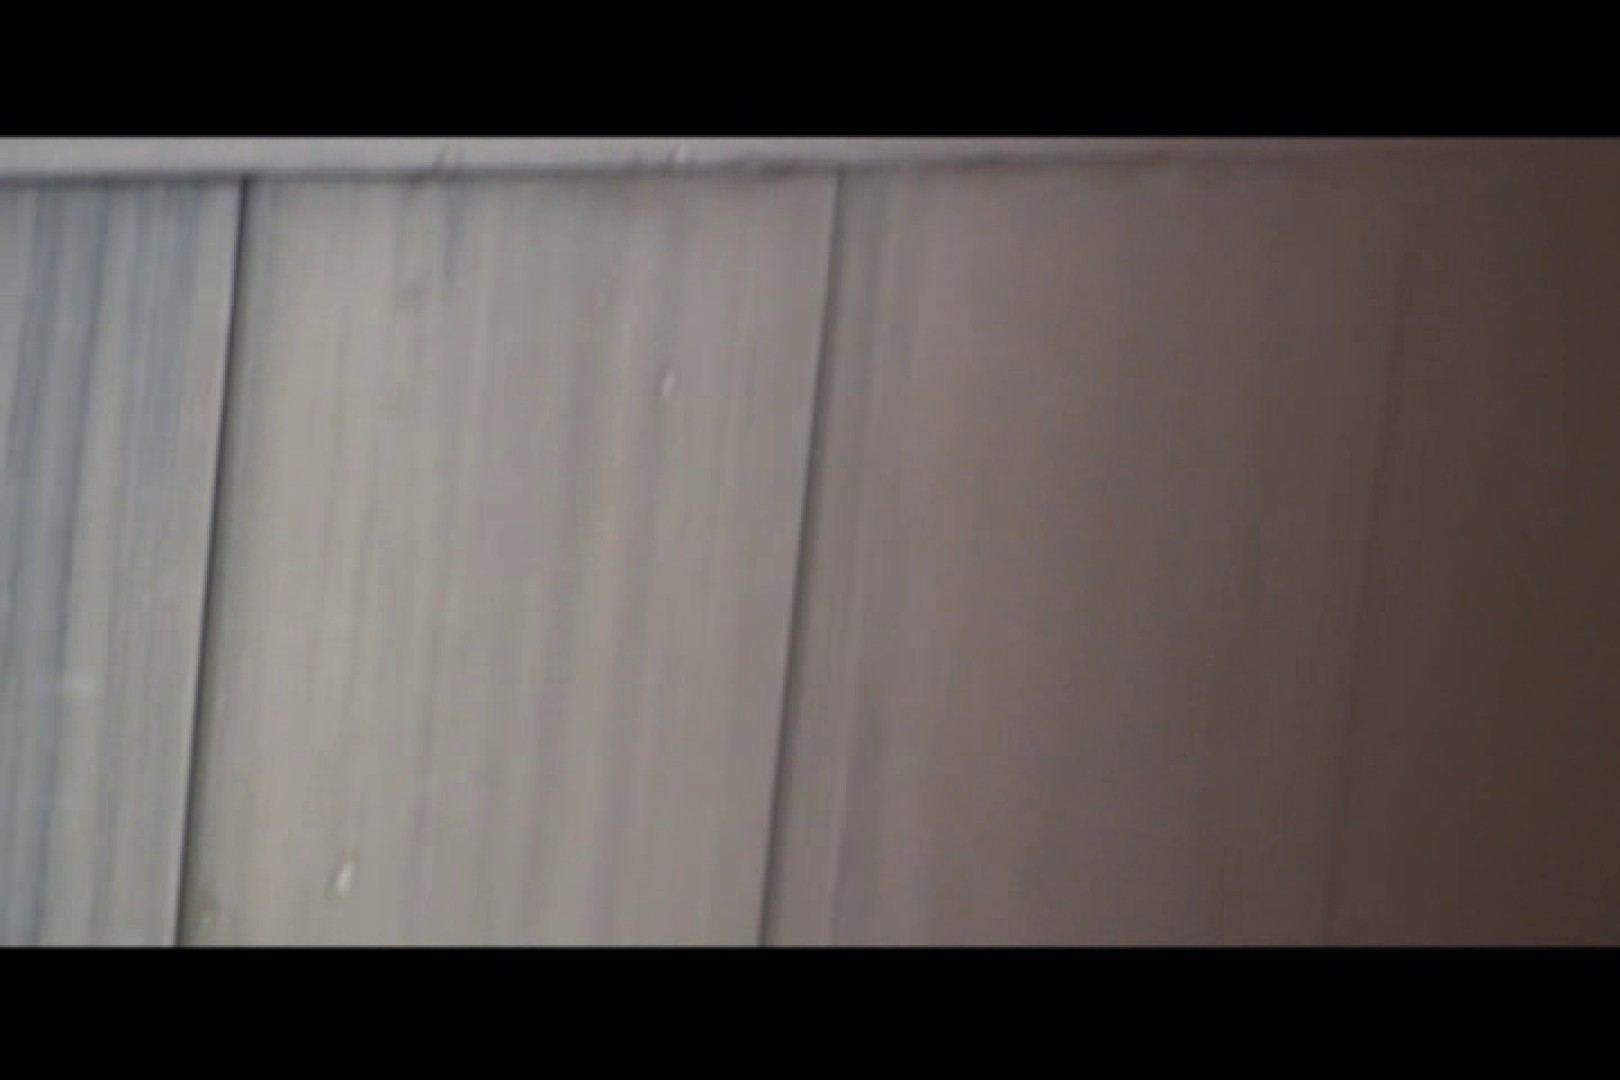 貸切露天 発情カップル! vol.06 OLのボディ ぱこり動画紹介 74PIX 29